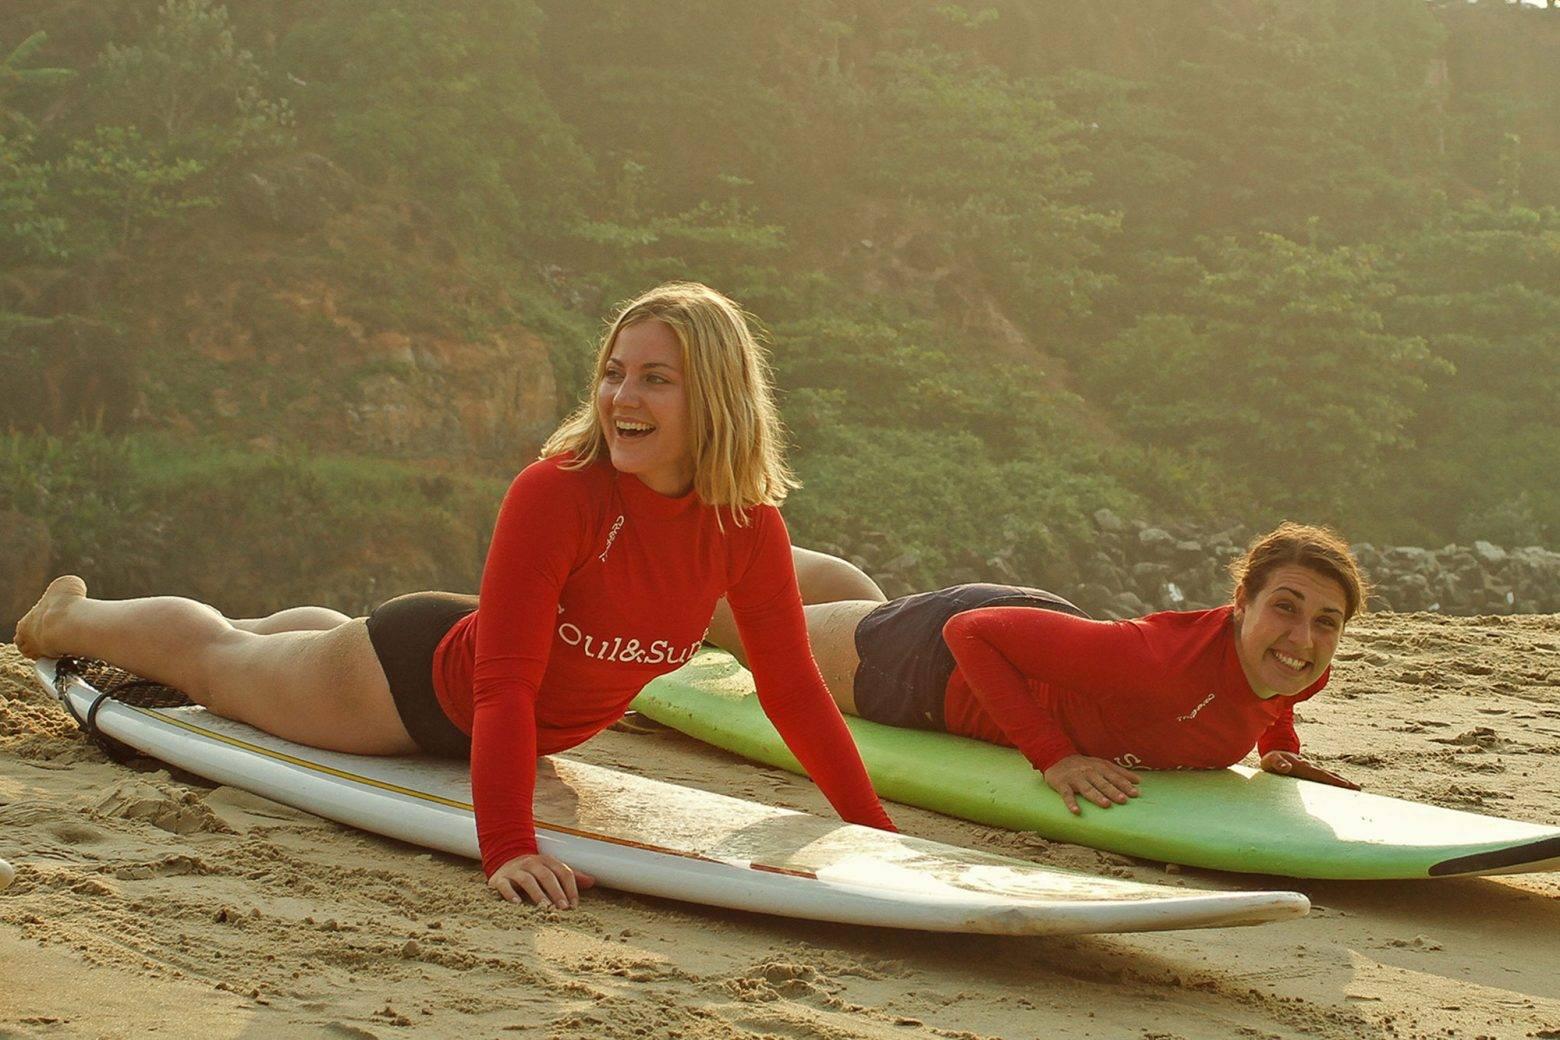 https://www.soulandsurf.com/wp-content/uploads/2021/04/Surf-lesson-in-red-rash-vests-e1627398837364.jpg Image